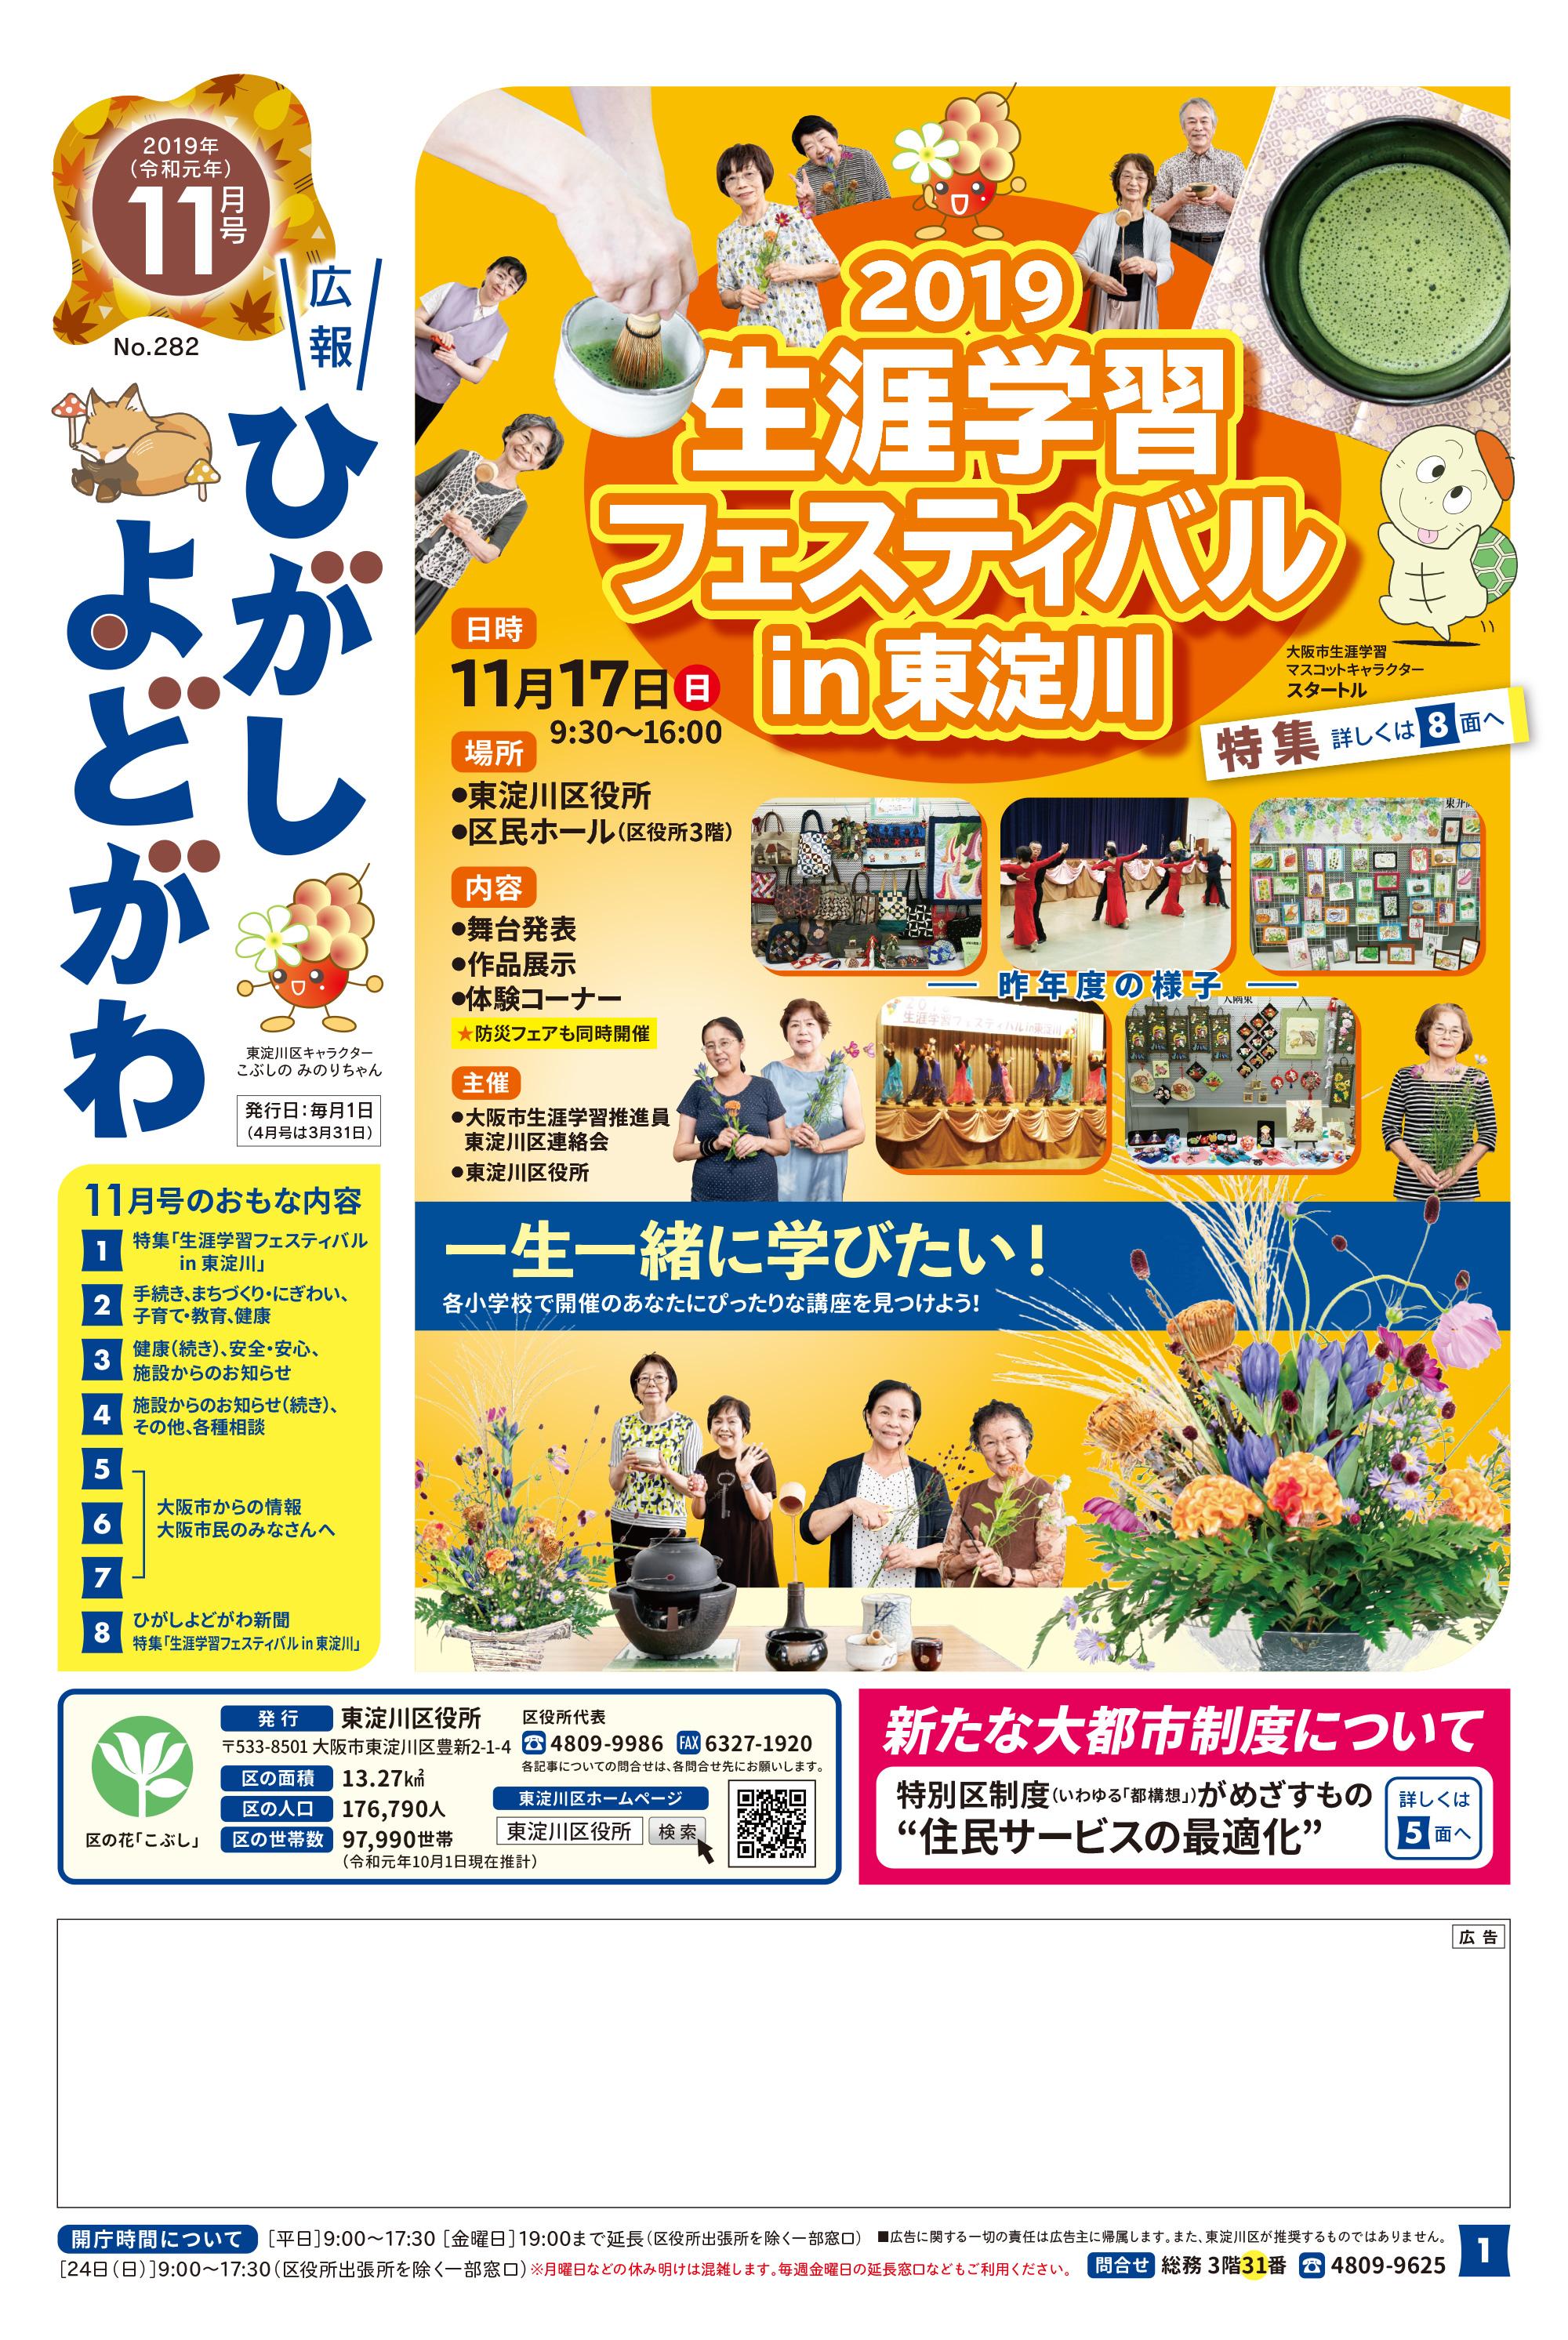 広報ひがしよどがわ2019年11月号|生涯学習フェスティバルin東淀川(大阪市東淀川区)